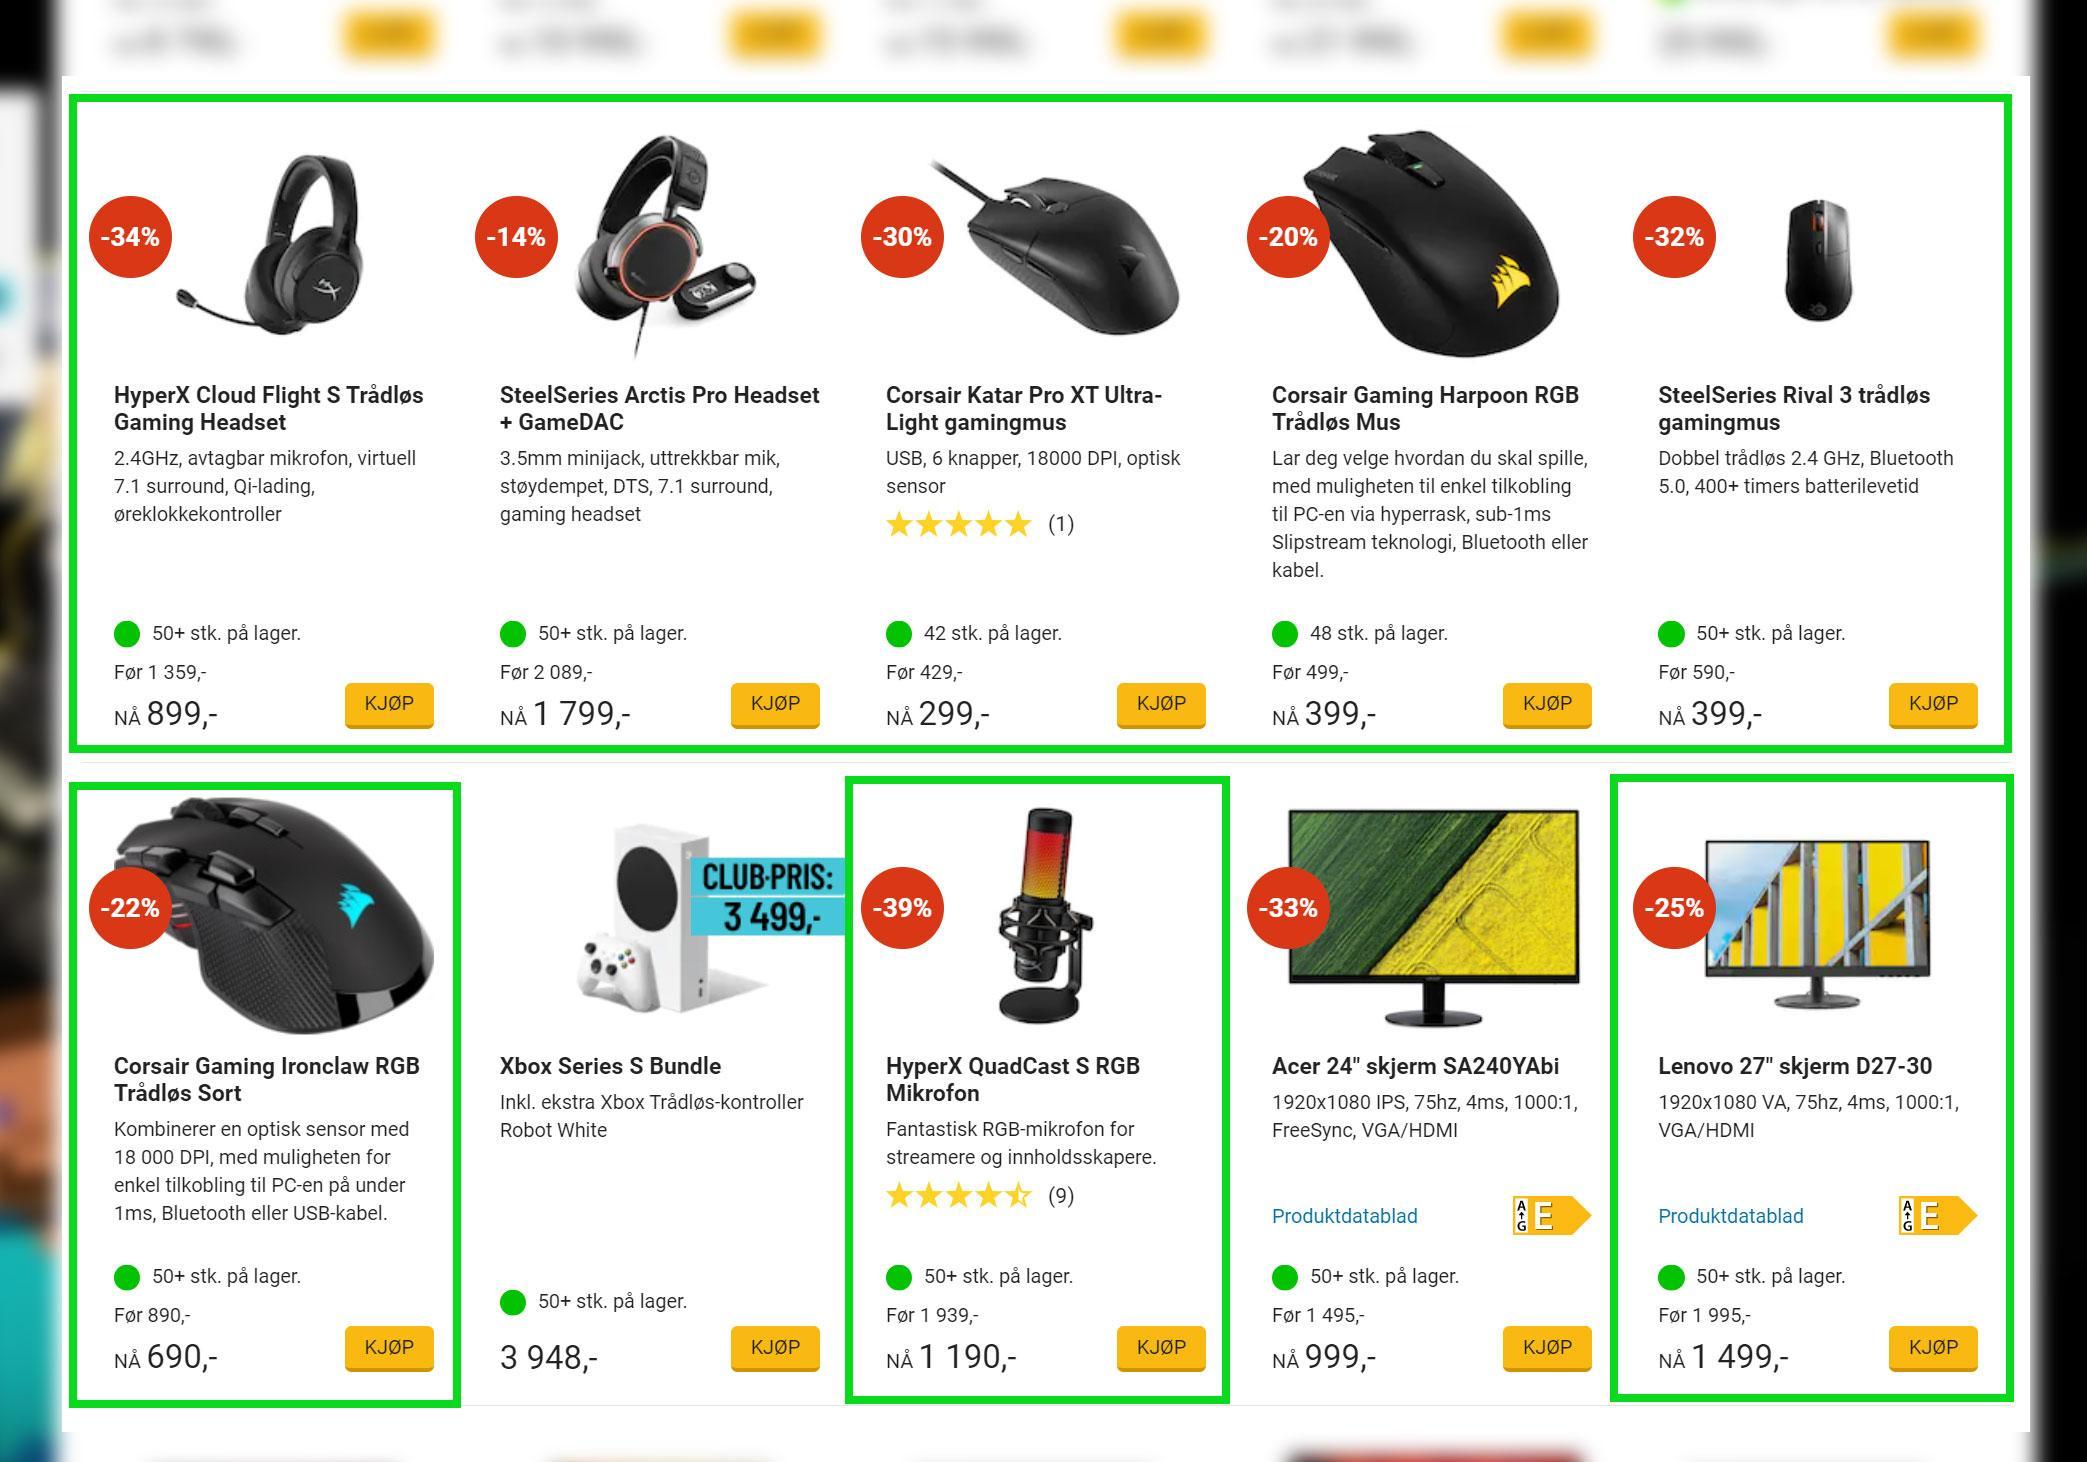 Selv om alle de grønnmerkede produktene har blitt anmeldt av brukerne, er det bare noen som er synlige på kampanjesiden.